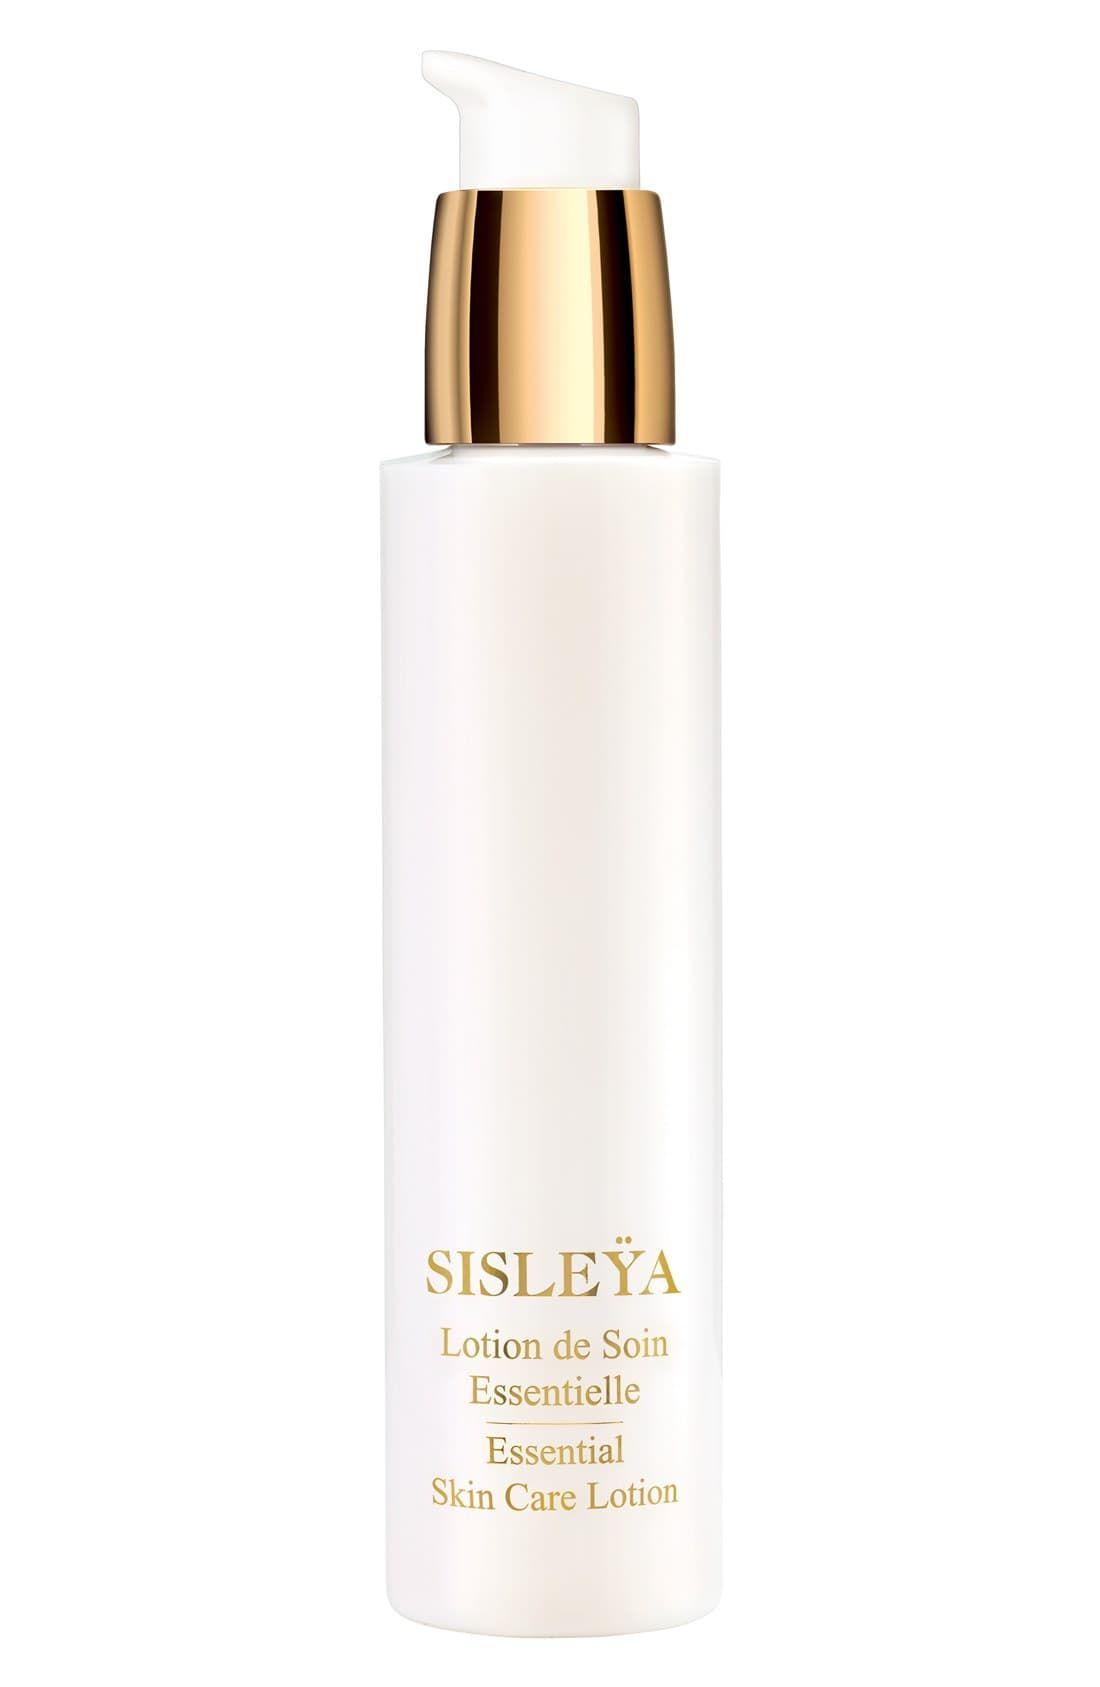 Sisley Paris Sisleya Essential Skin Care Lotion Nordstrom Skin Care Essentials Skin Care Lotions Organic Skin Care Recipes